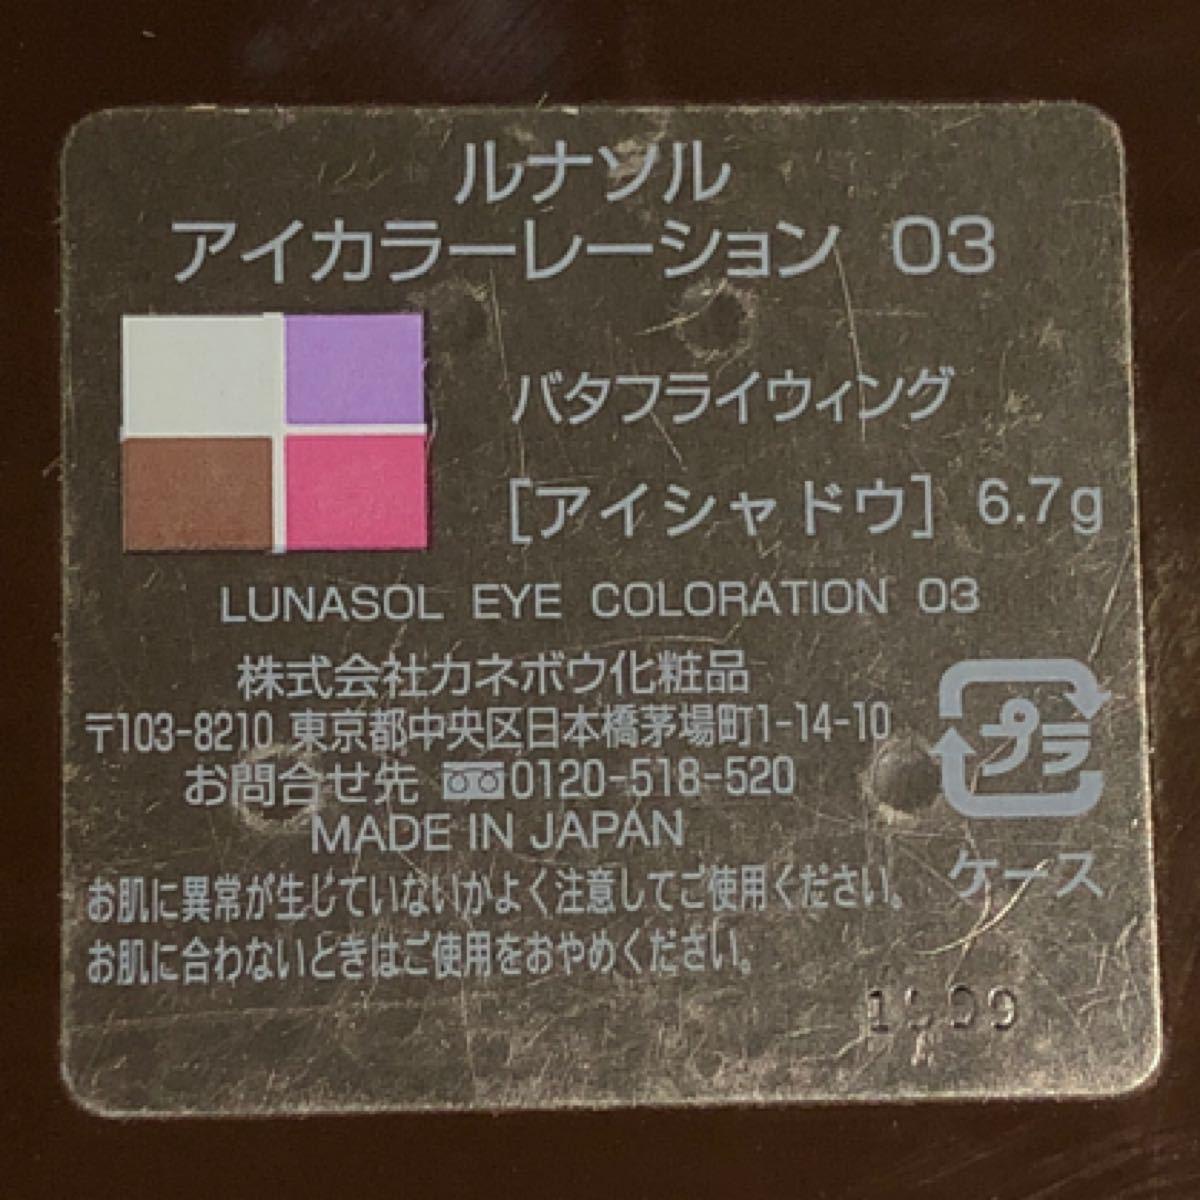 ルナソル  アイカラーレーション 03 バタフライウィング ピンク系 アイシャドウ